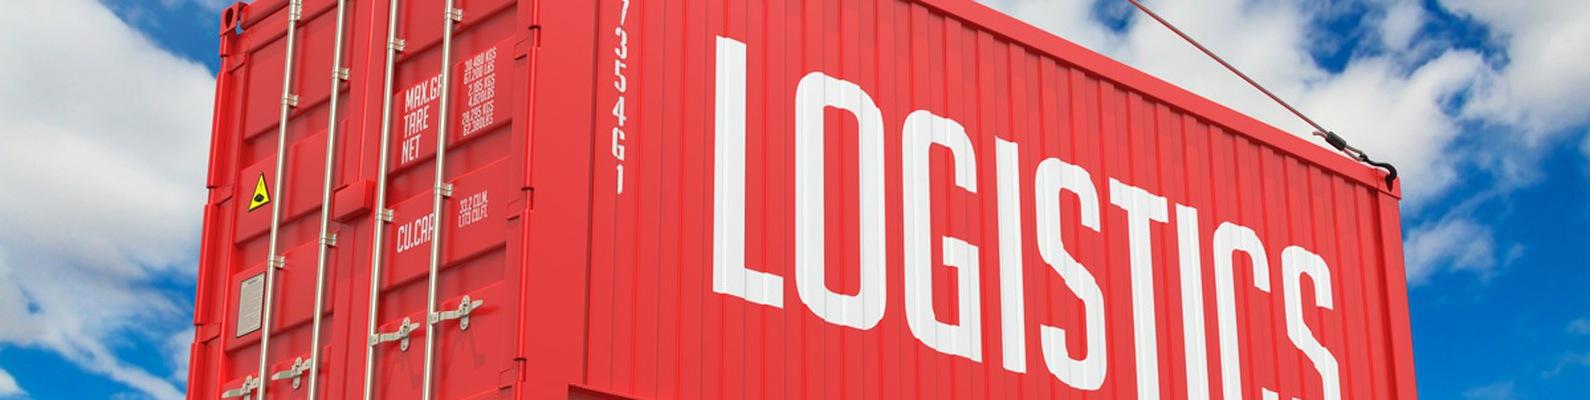 Designing for logistics